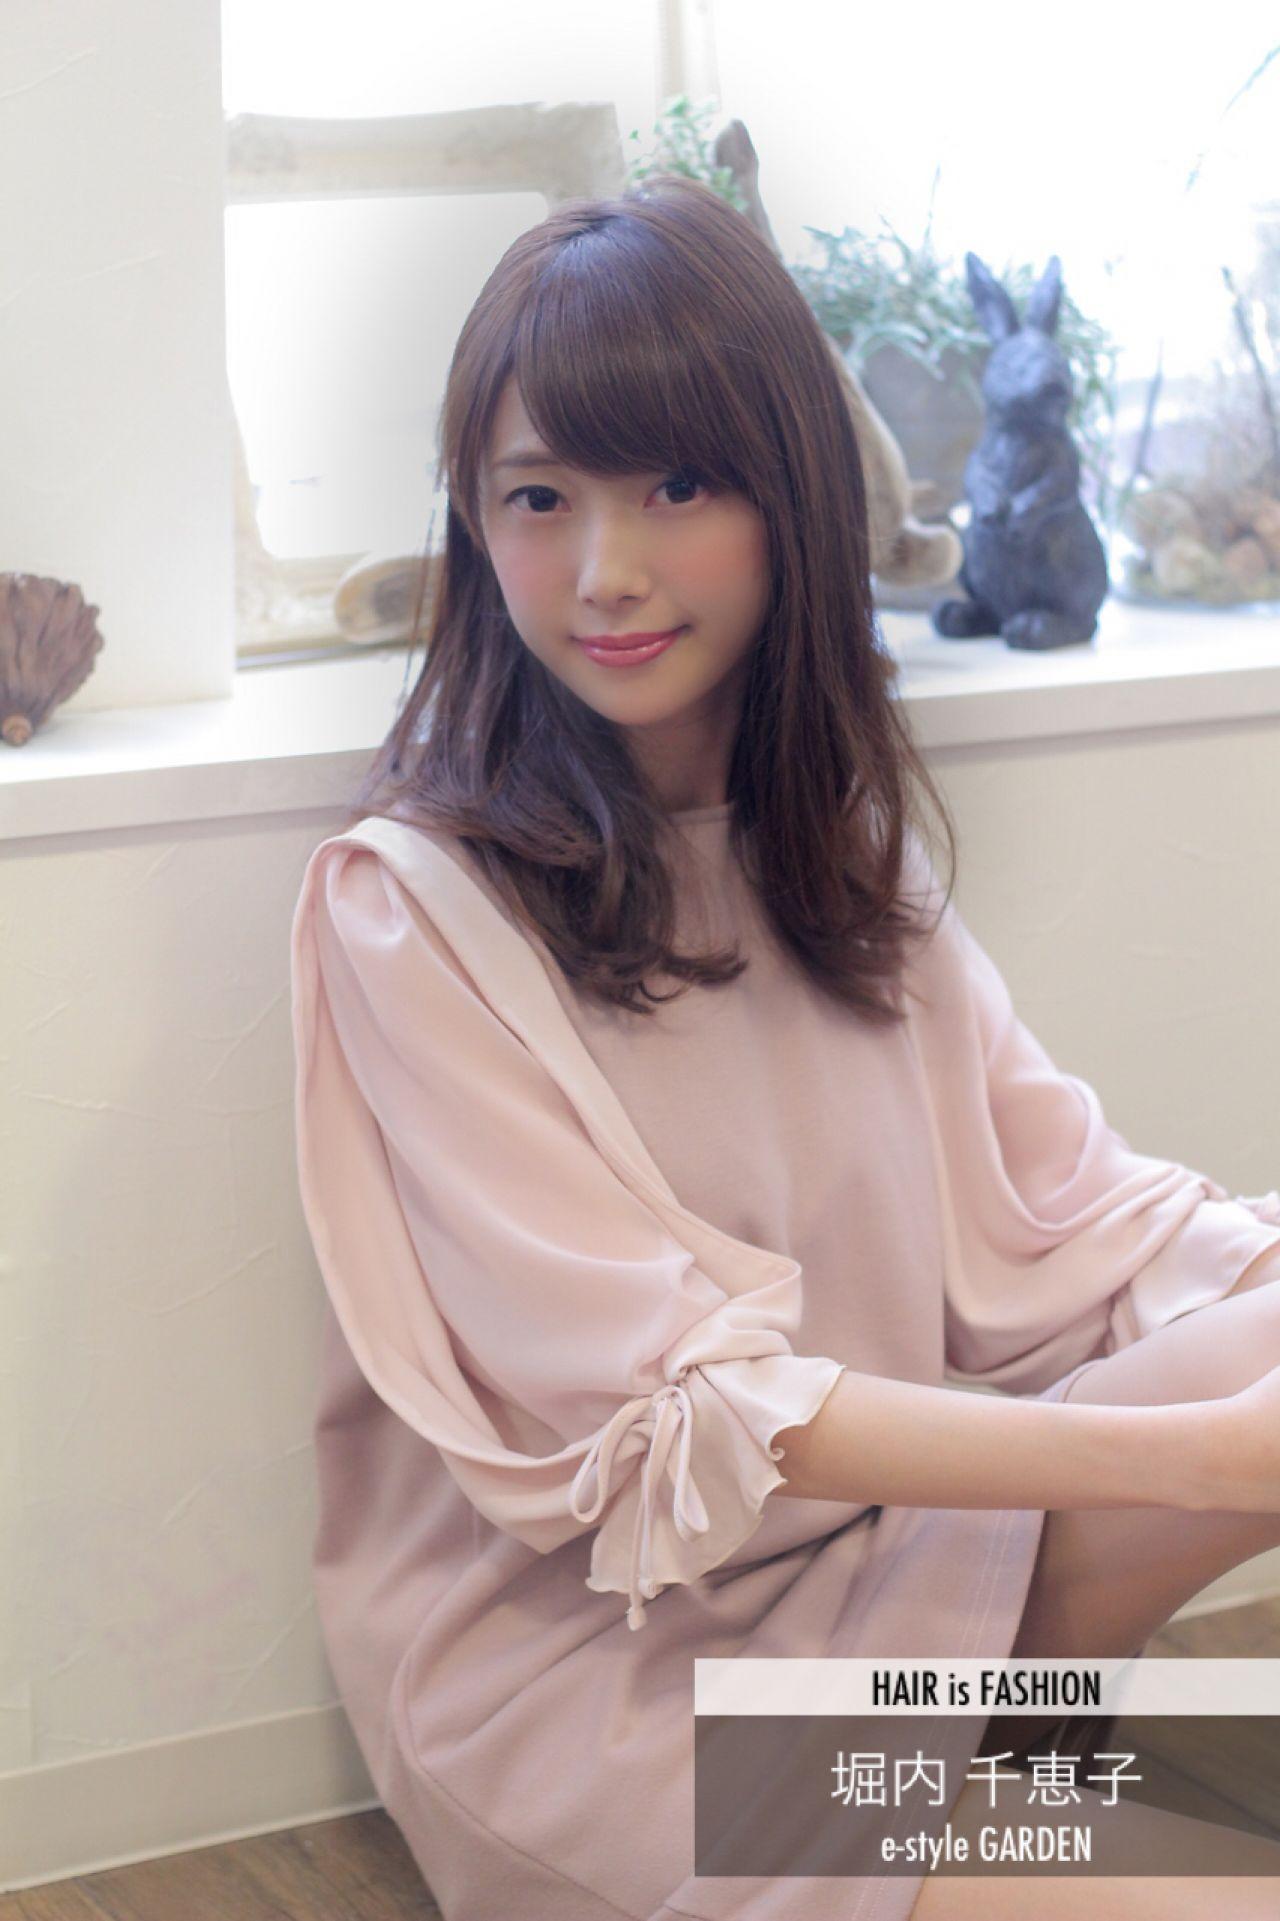 かわいい♡色っぽい♡ピンクブラウンは女子にいいことづくしなヘアカラー♪ 堀内 千恵子  e-style GARDEN